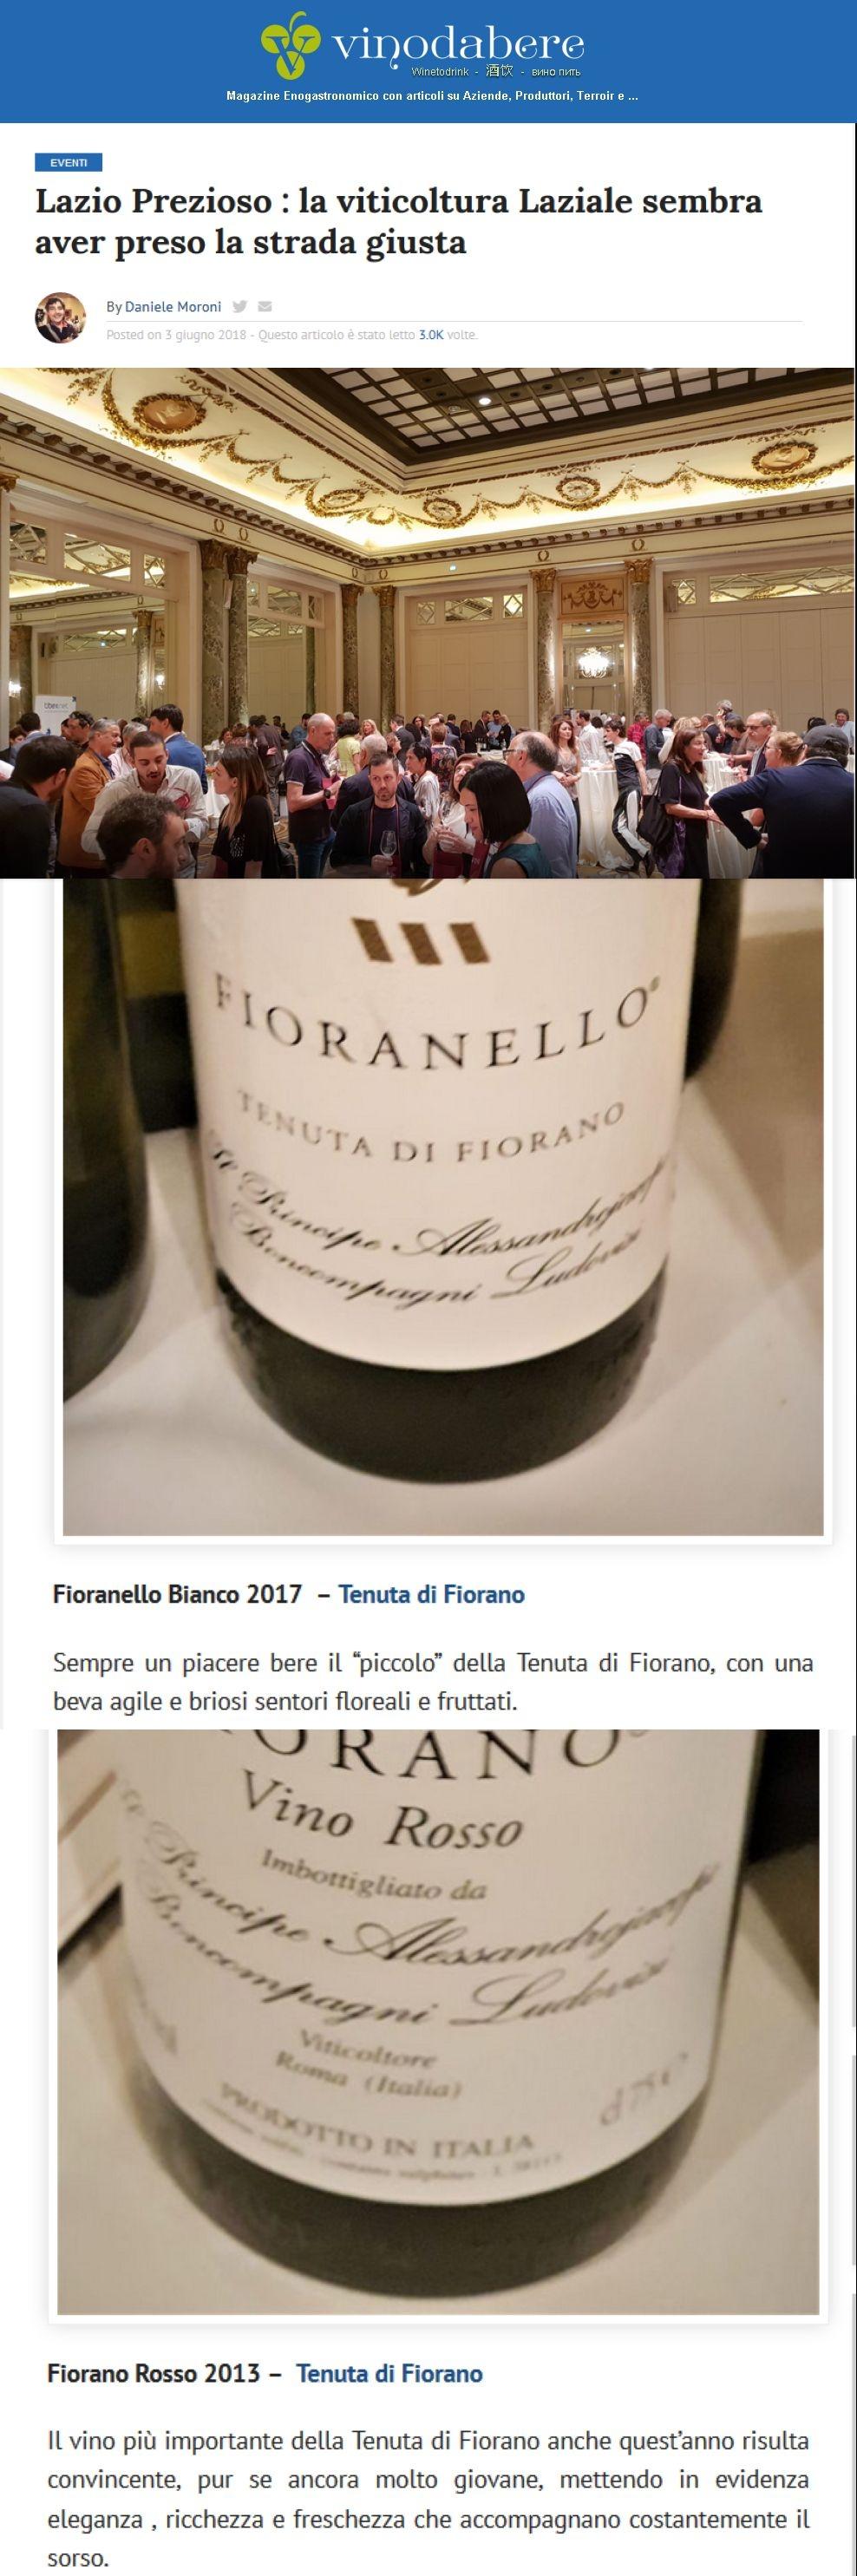 Lazio Prezioso: la viticultura Laziale sembra aver preso la strada giusta